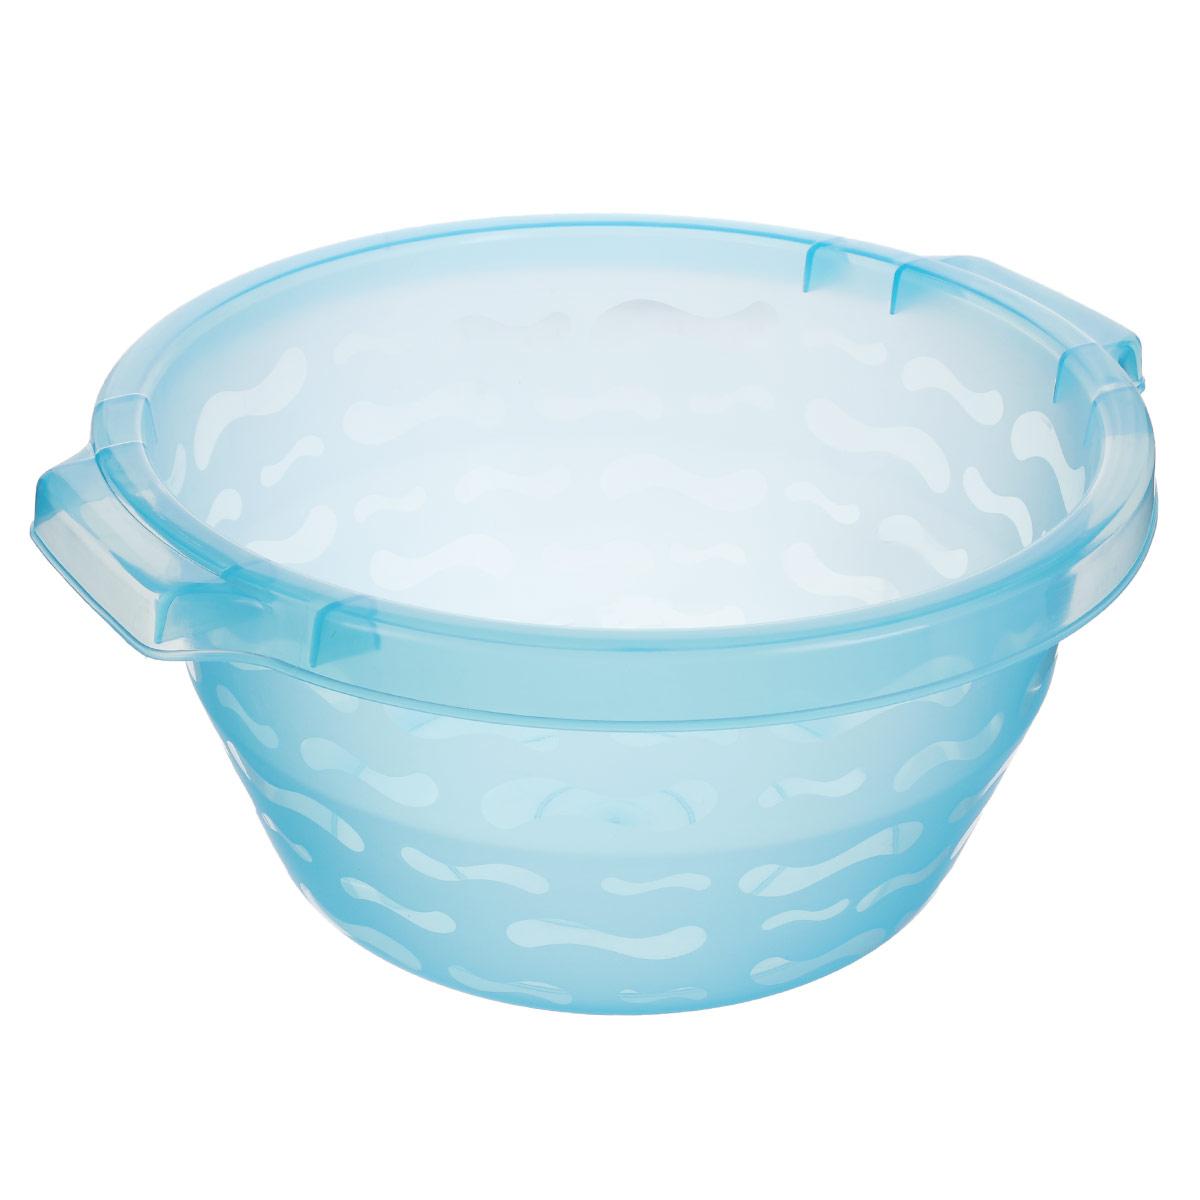 Таз Gensini, цвет: голубой, 8,5 л2430_голубойТаз Gensini изготовлен из высококачественного полупрозрачного пластика. Он выполнен в классическом круглом варианте. Для удобного использования таз снабжен двумя ручками. Благодаря легкости и современному дизайну таз Gensini станет незаменимым помощником и отлично впишется в интерьер вашей ванной комнаты.Диаметр таза по верхнему краю: 32 см.Высота таза: 16 см.